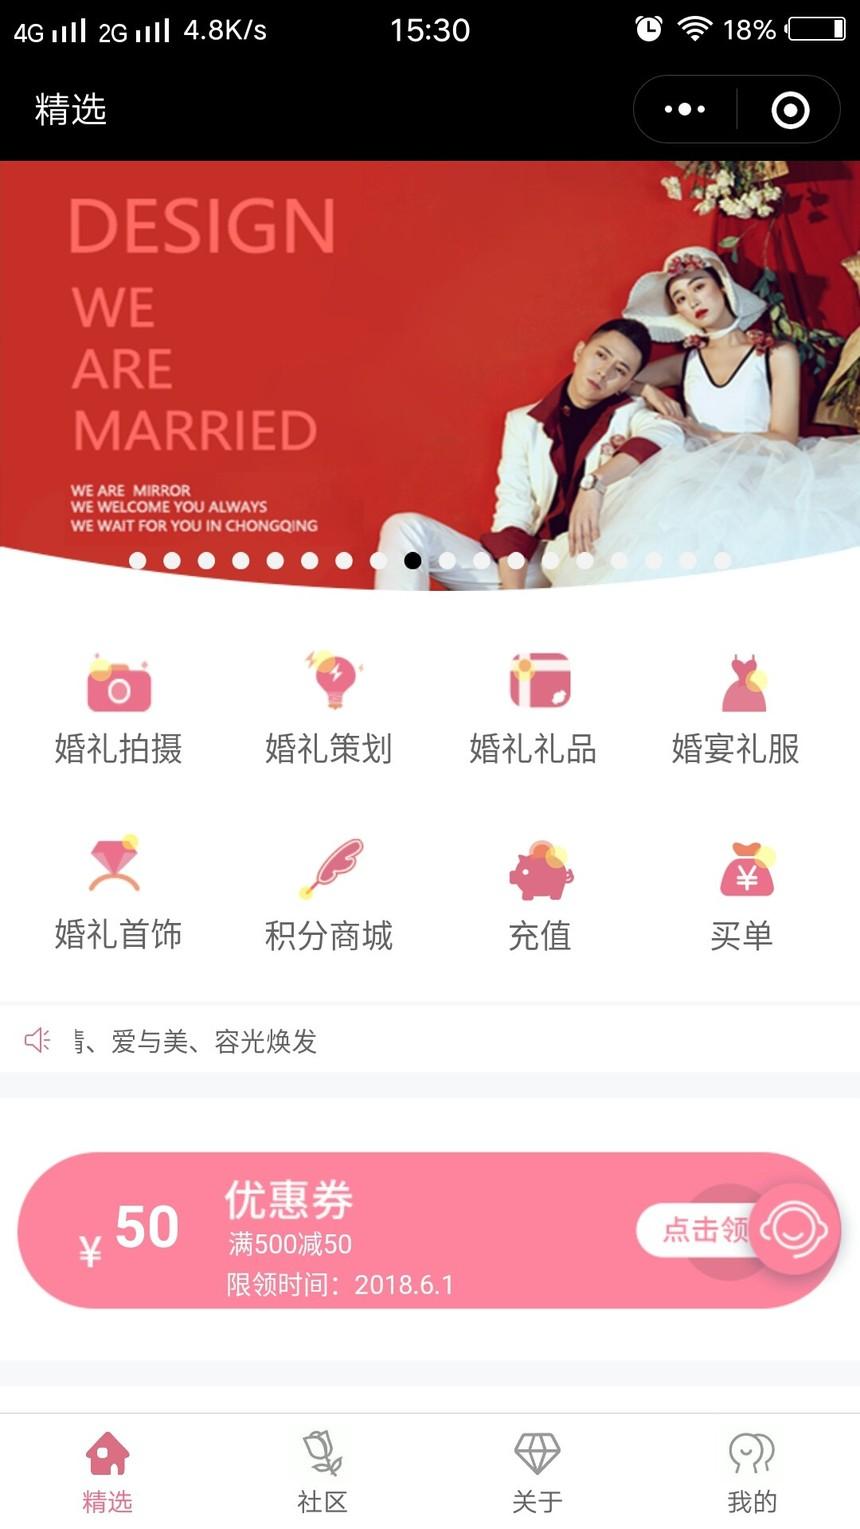 婚庆小程序_达州网络公司.jpg